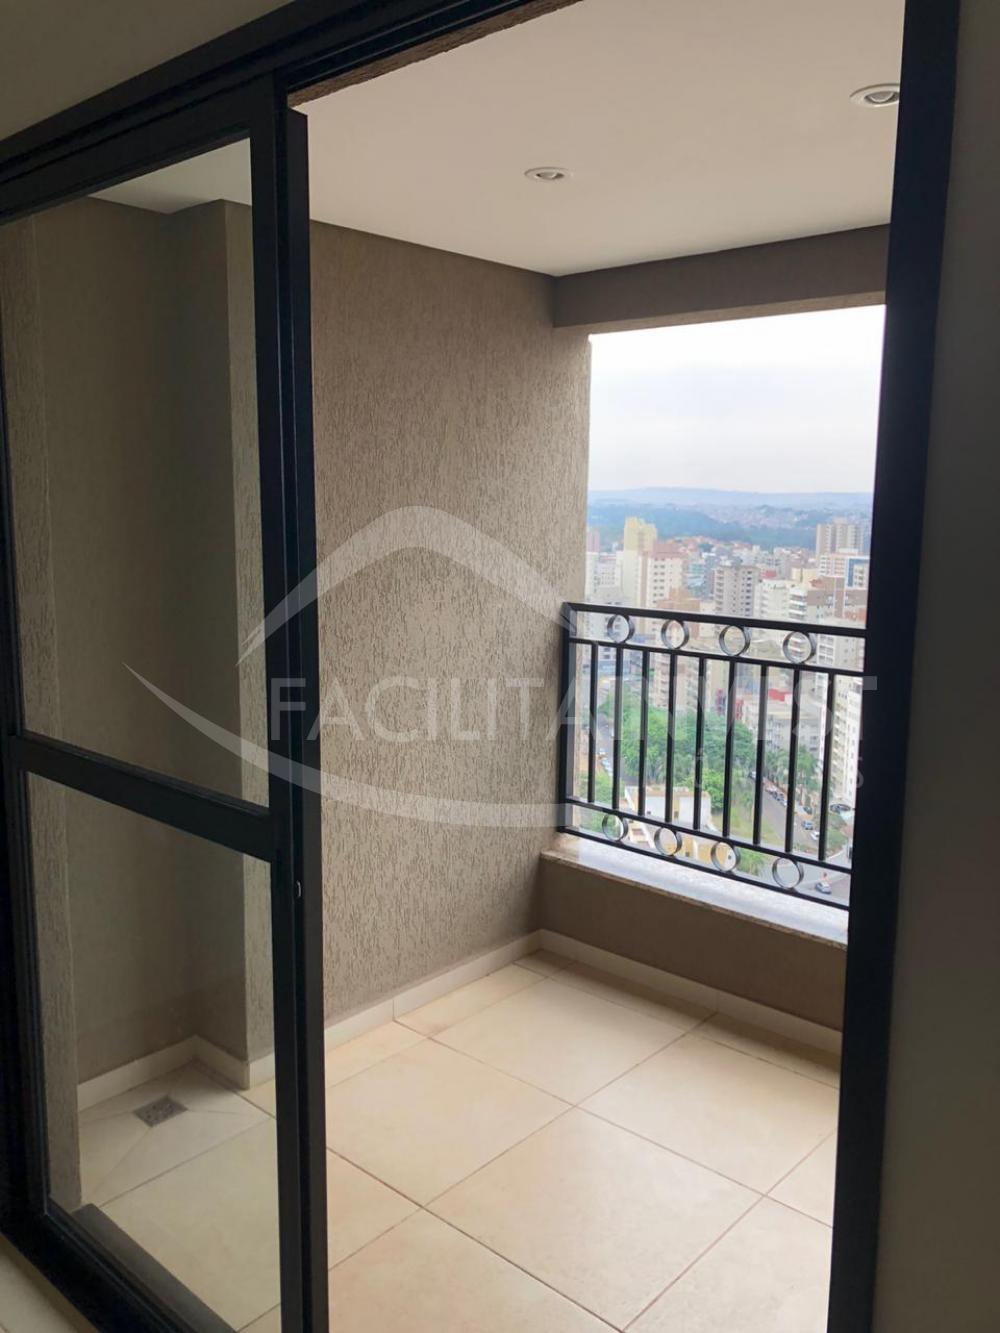 Alugar Apartamentos / Apart. Padrão em Ribeirão Preto apenas R$ 1.750,00 - Foto 8